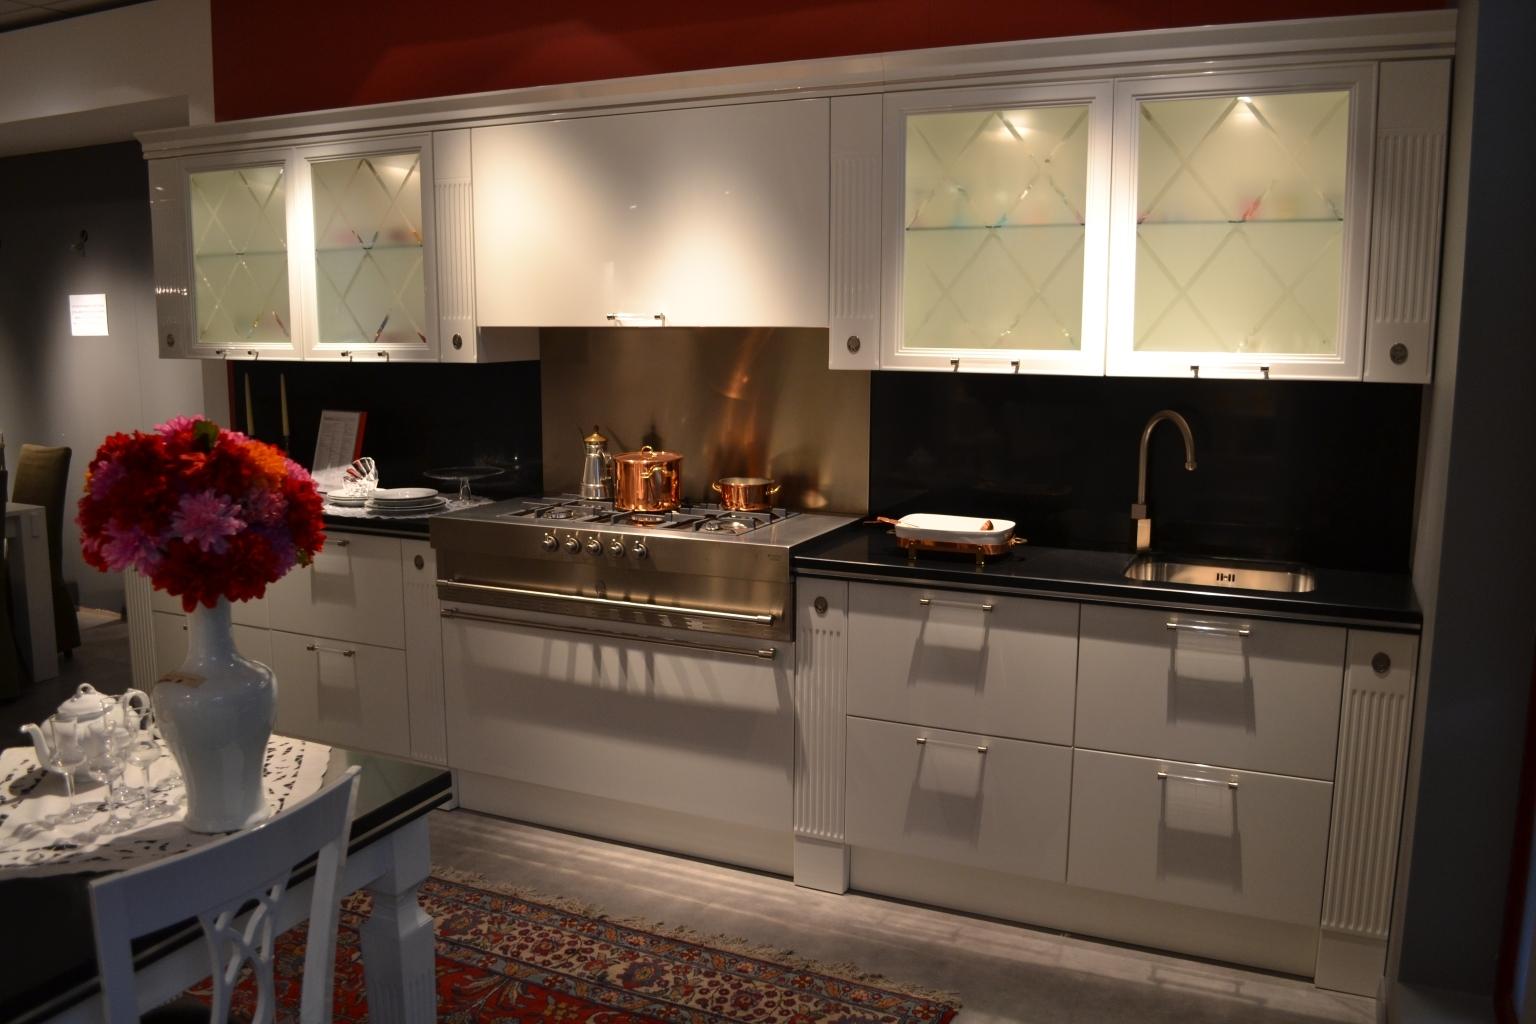 Cucine scavolini baccarat prezzi idea creativa della - Scavolini cucine prezzi ...